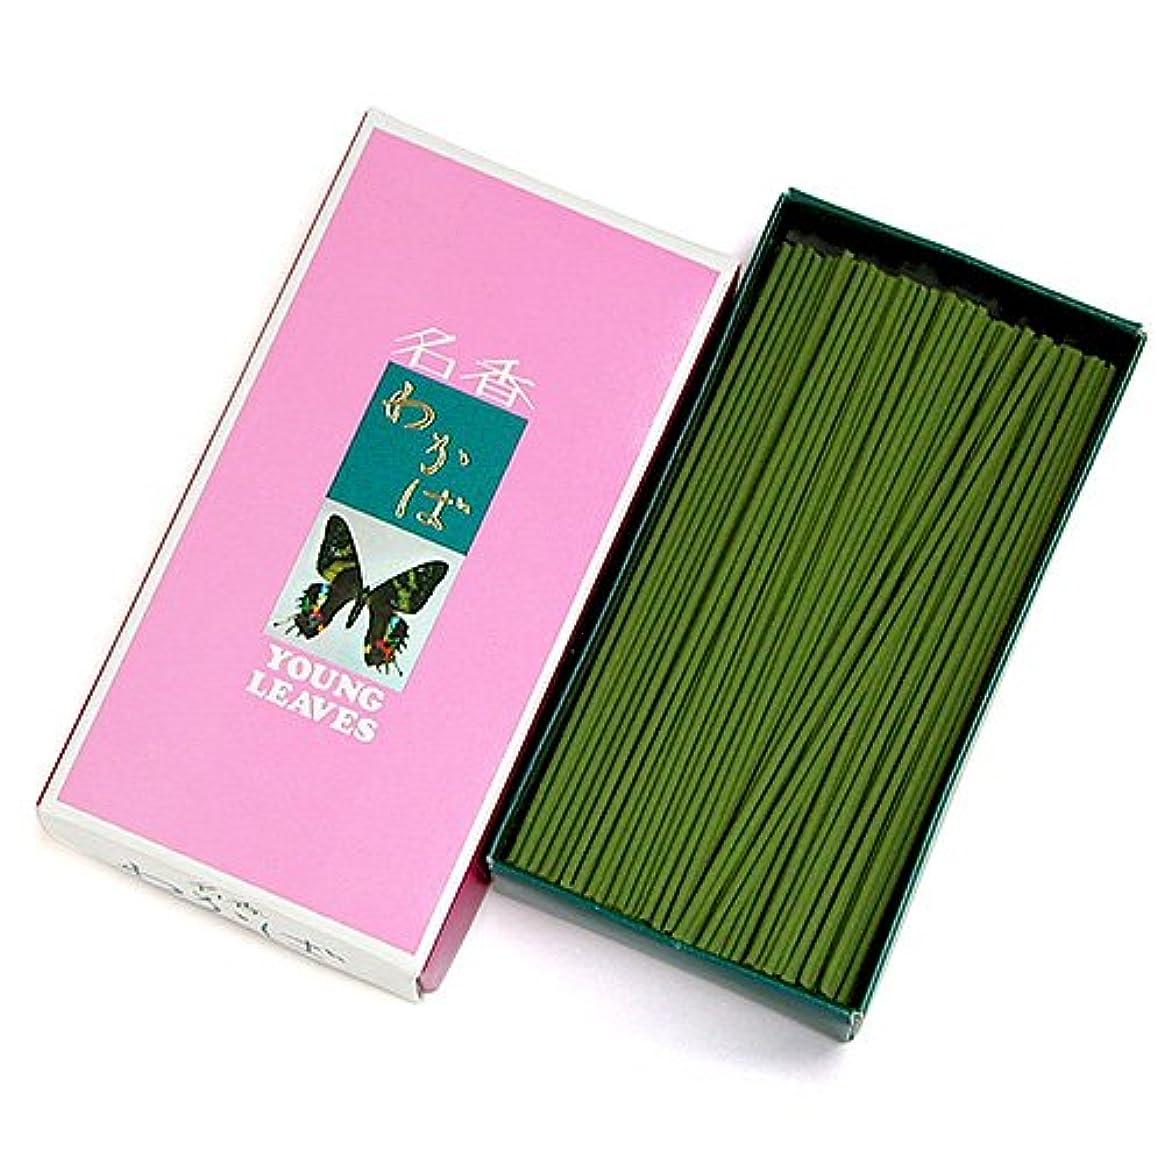 呼びかける故意に非公式家庭用線香 わかば(箱寸法16×8.5×3.5cm)◆香木と調和した香水の香りのお線香(大発)